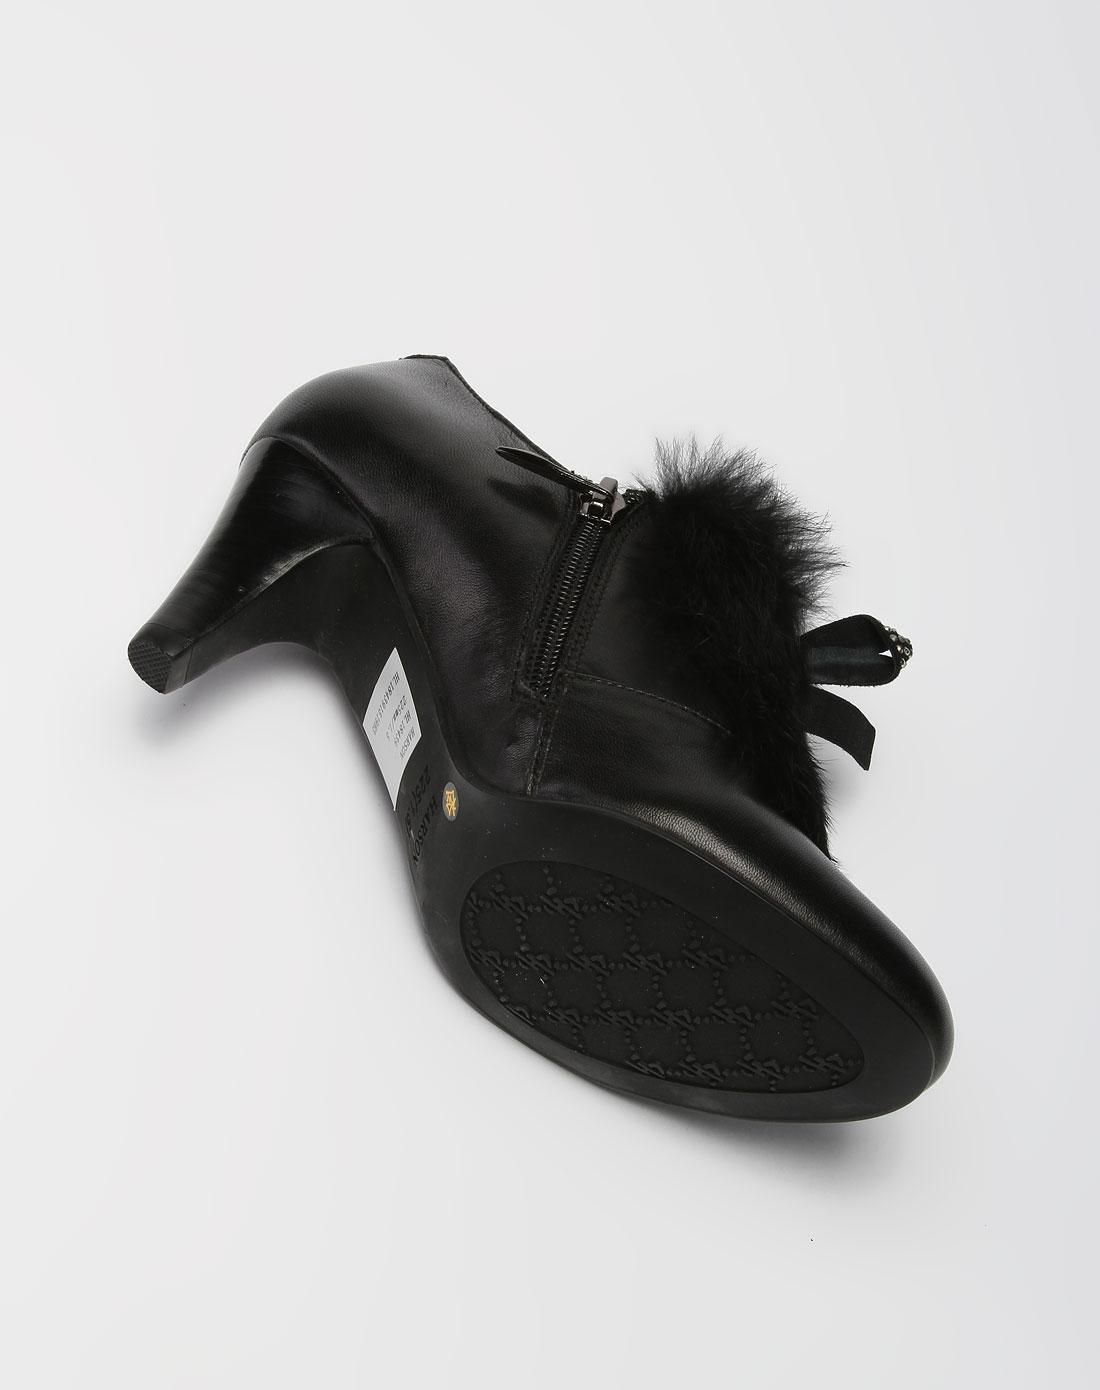 哈森harson-女款黑色时尚高跟皮鞋图片